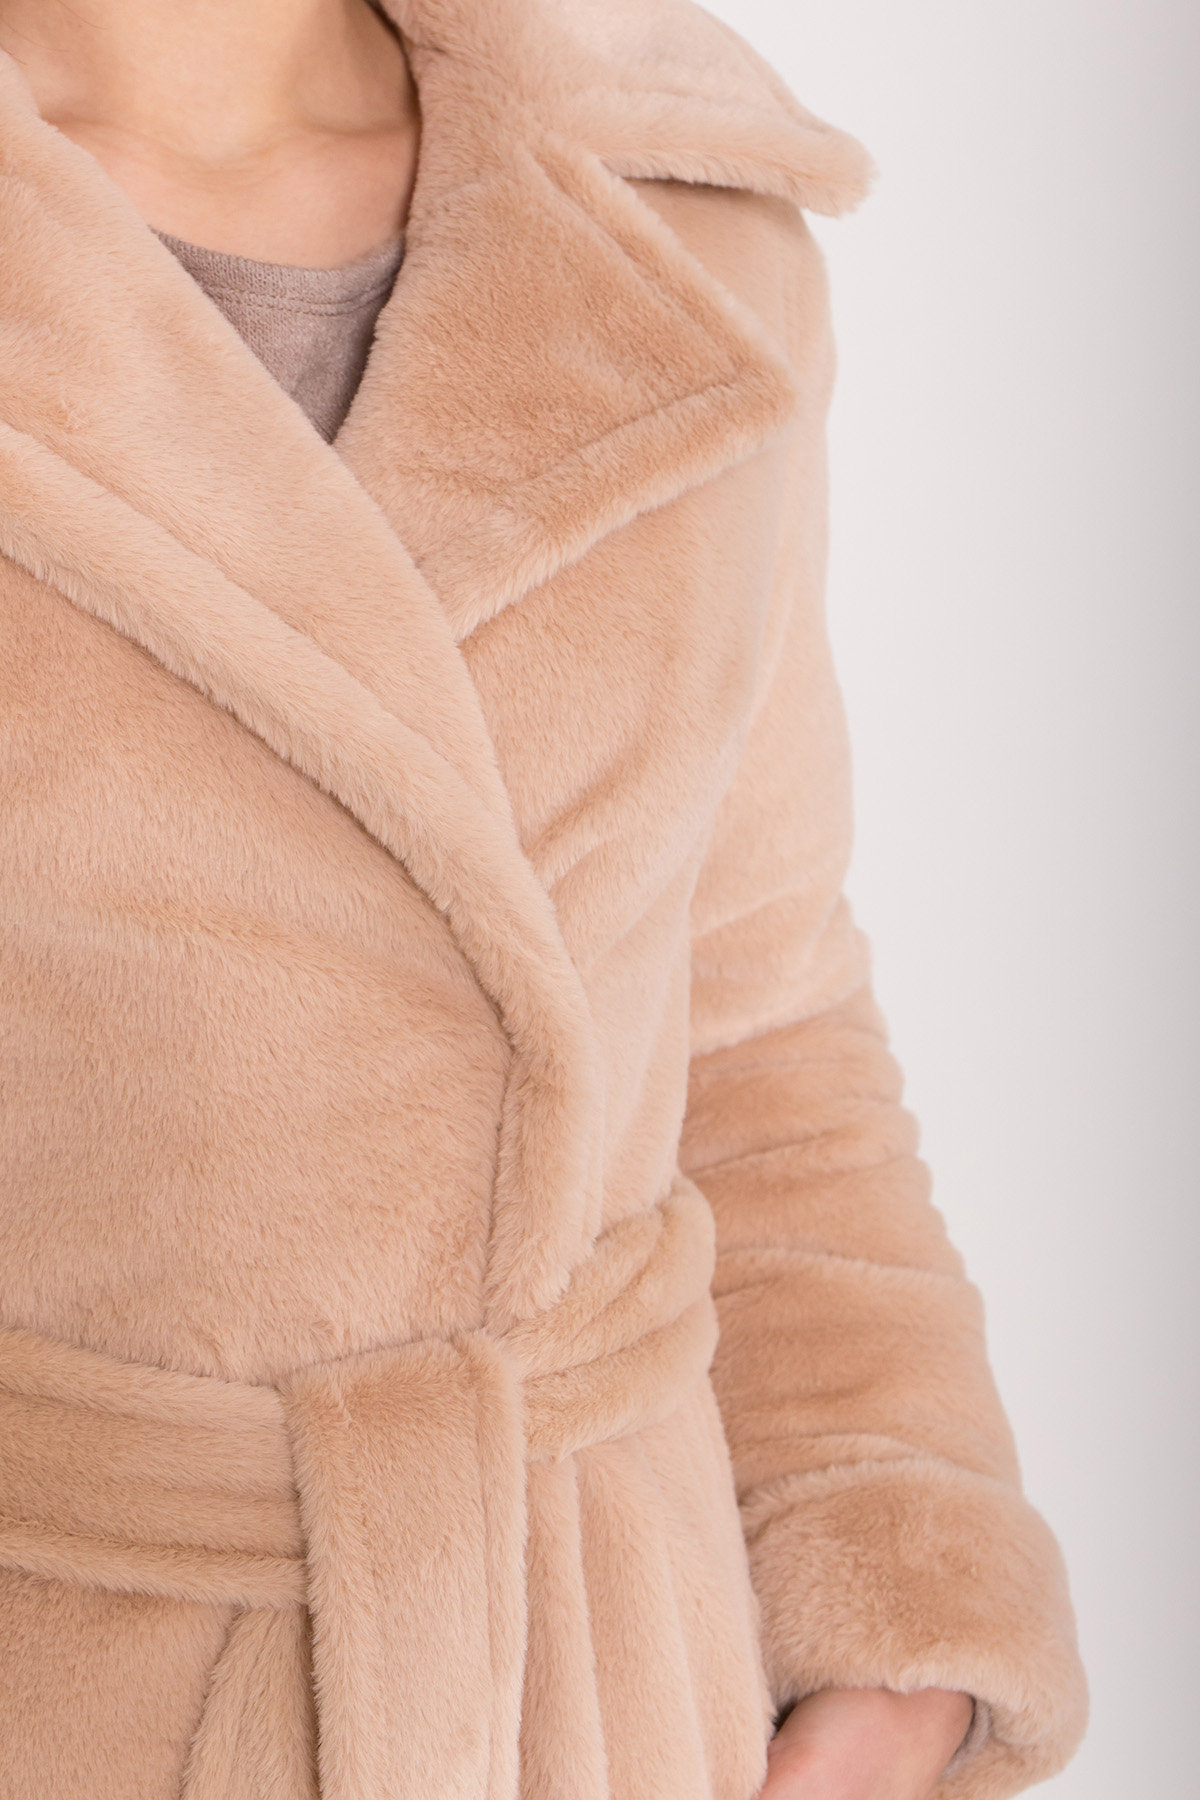 Зимнее пальто из искусственного меха норки Саманта 8641 АРТ. 44956 Цвет: Бежевый - фото 6, интернет магазин tm-modus.ru